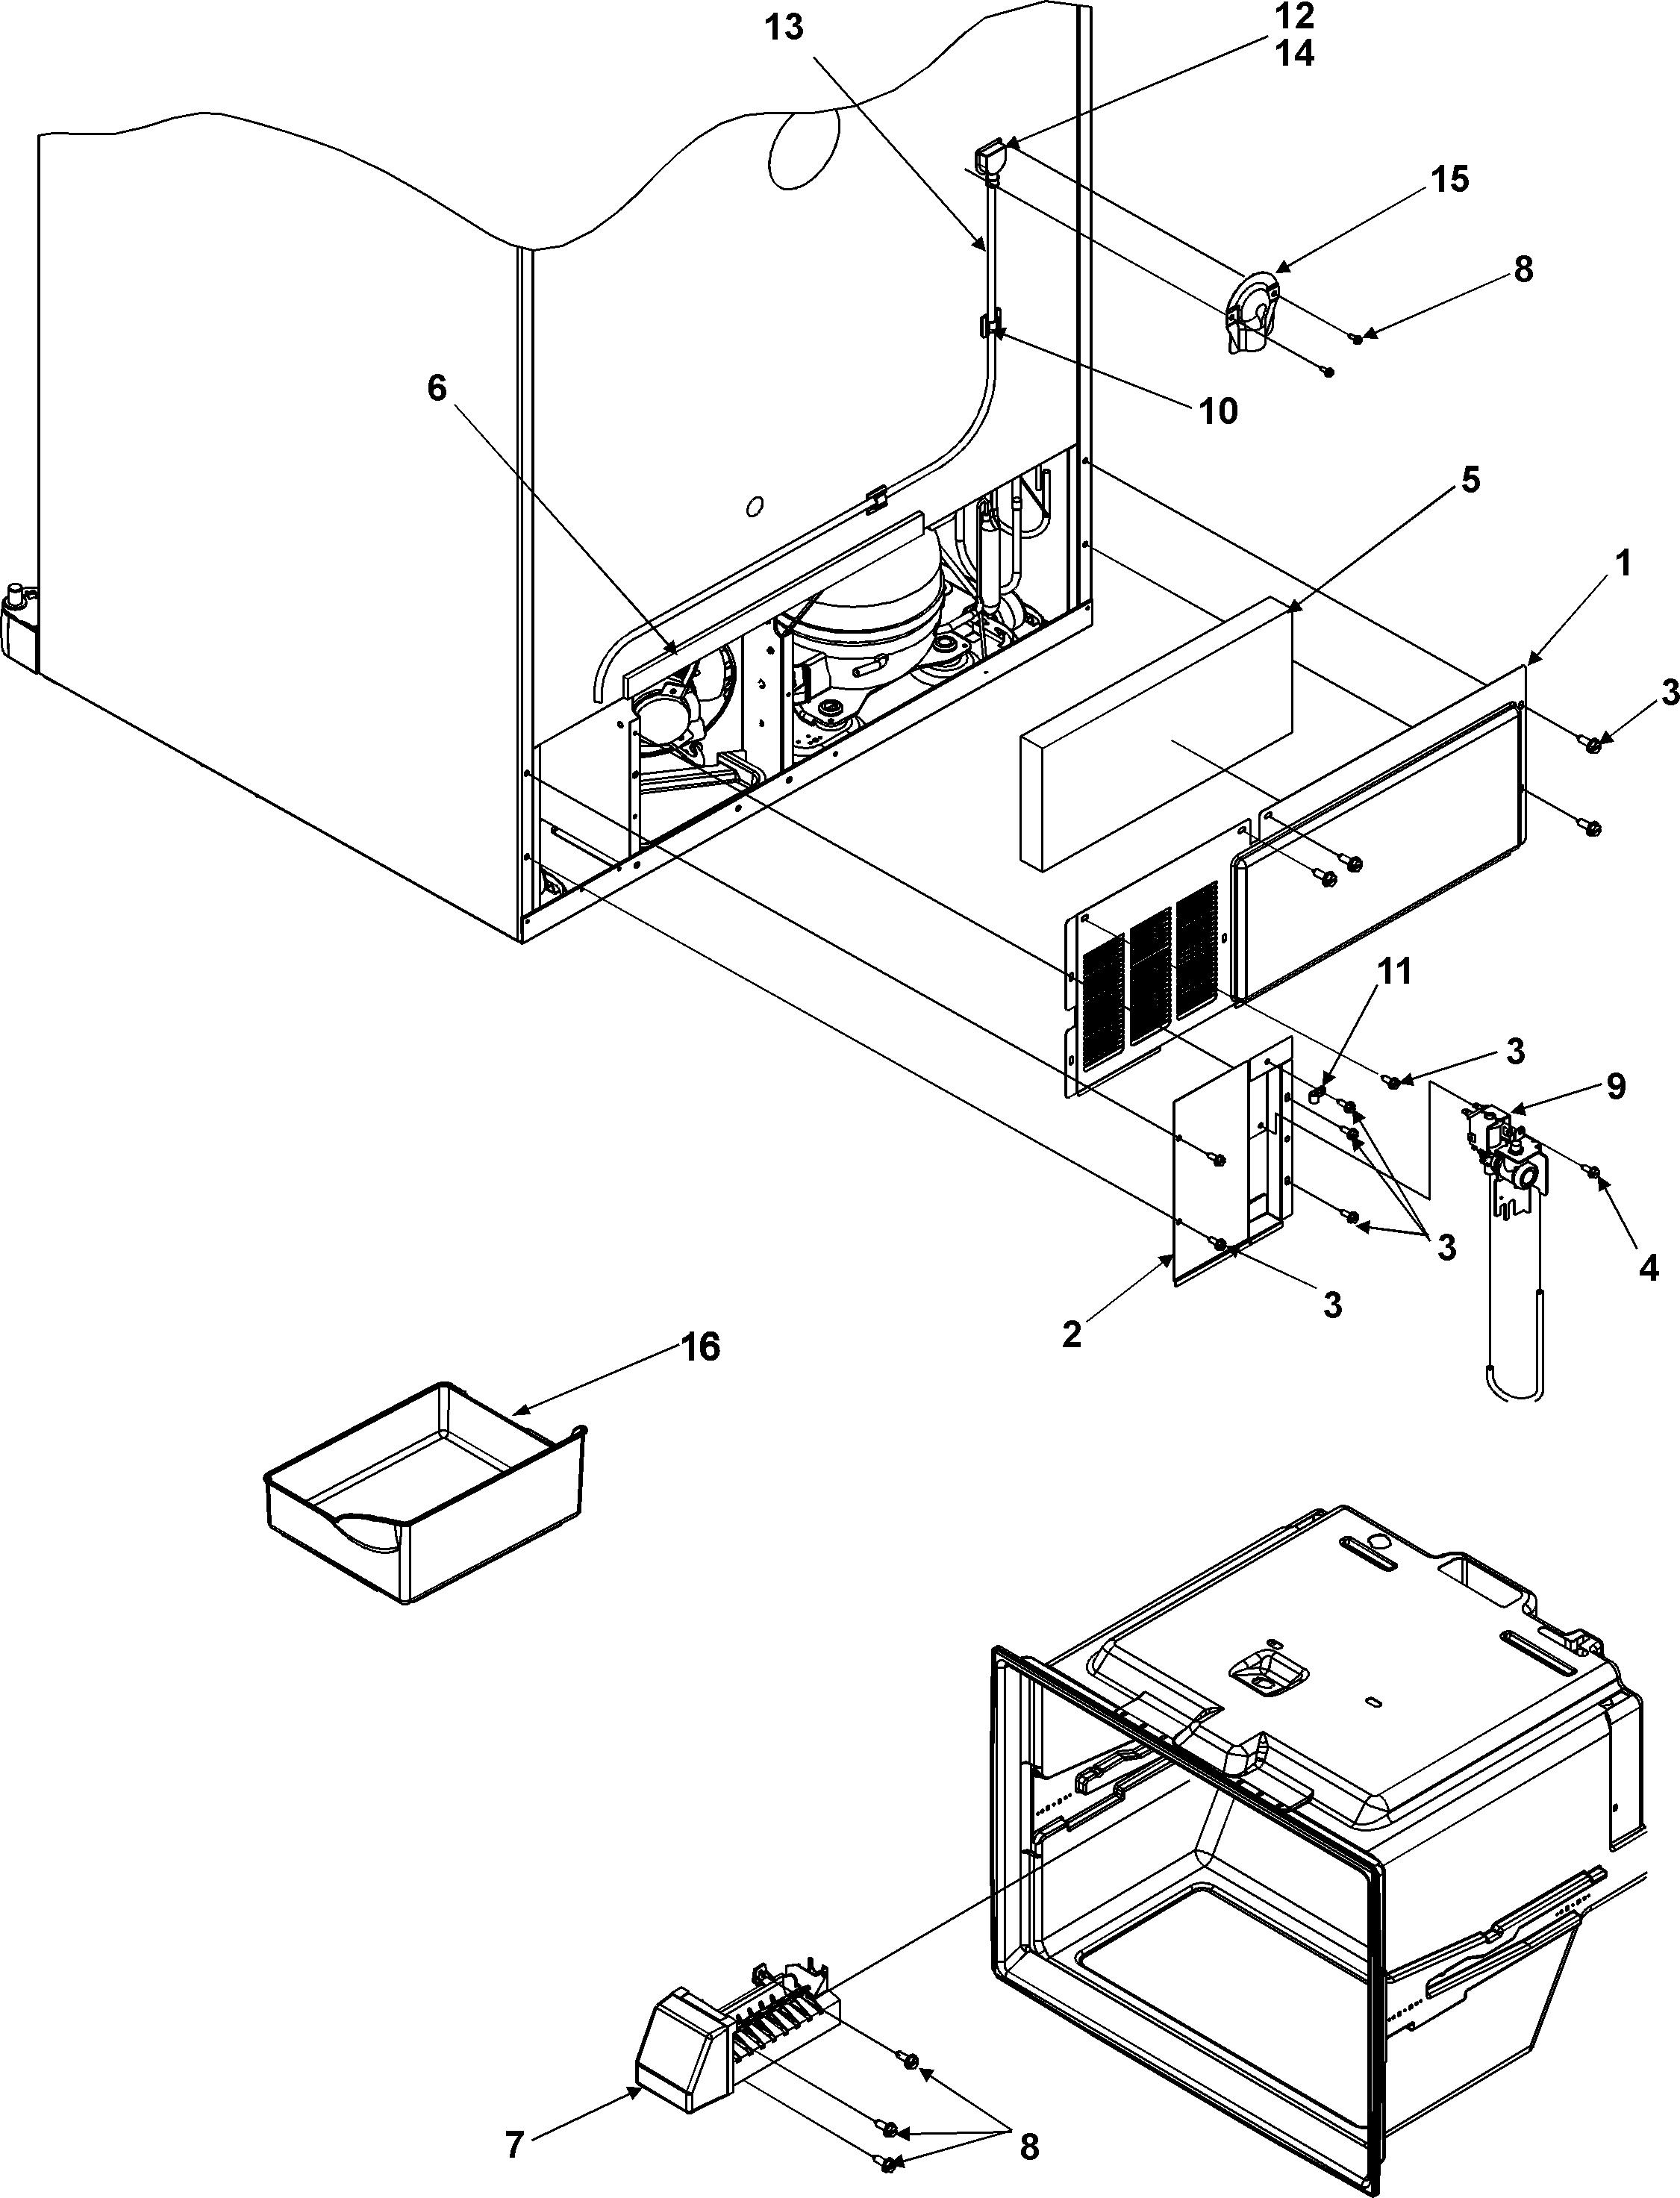 Amana Refrigerator: Amana Refrigerator Parts Diagram